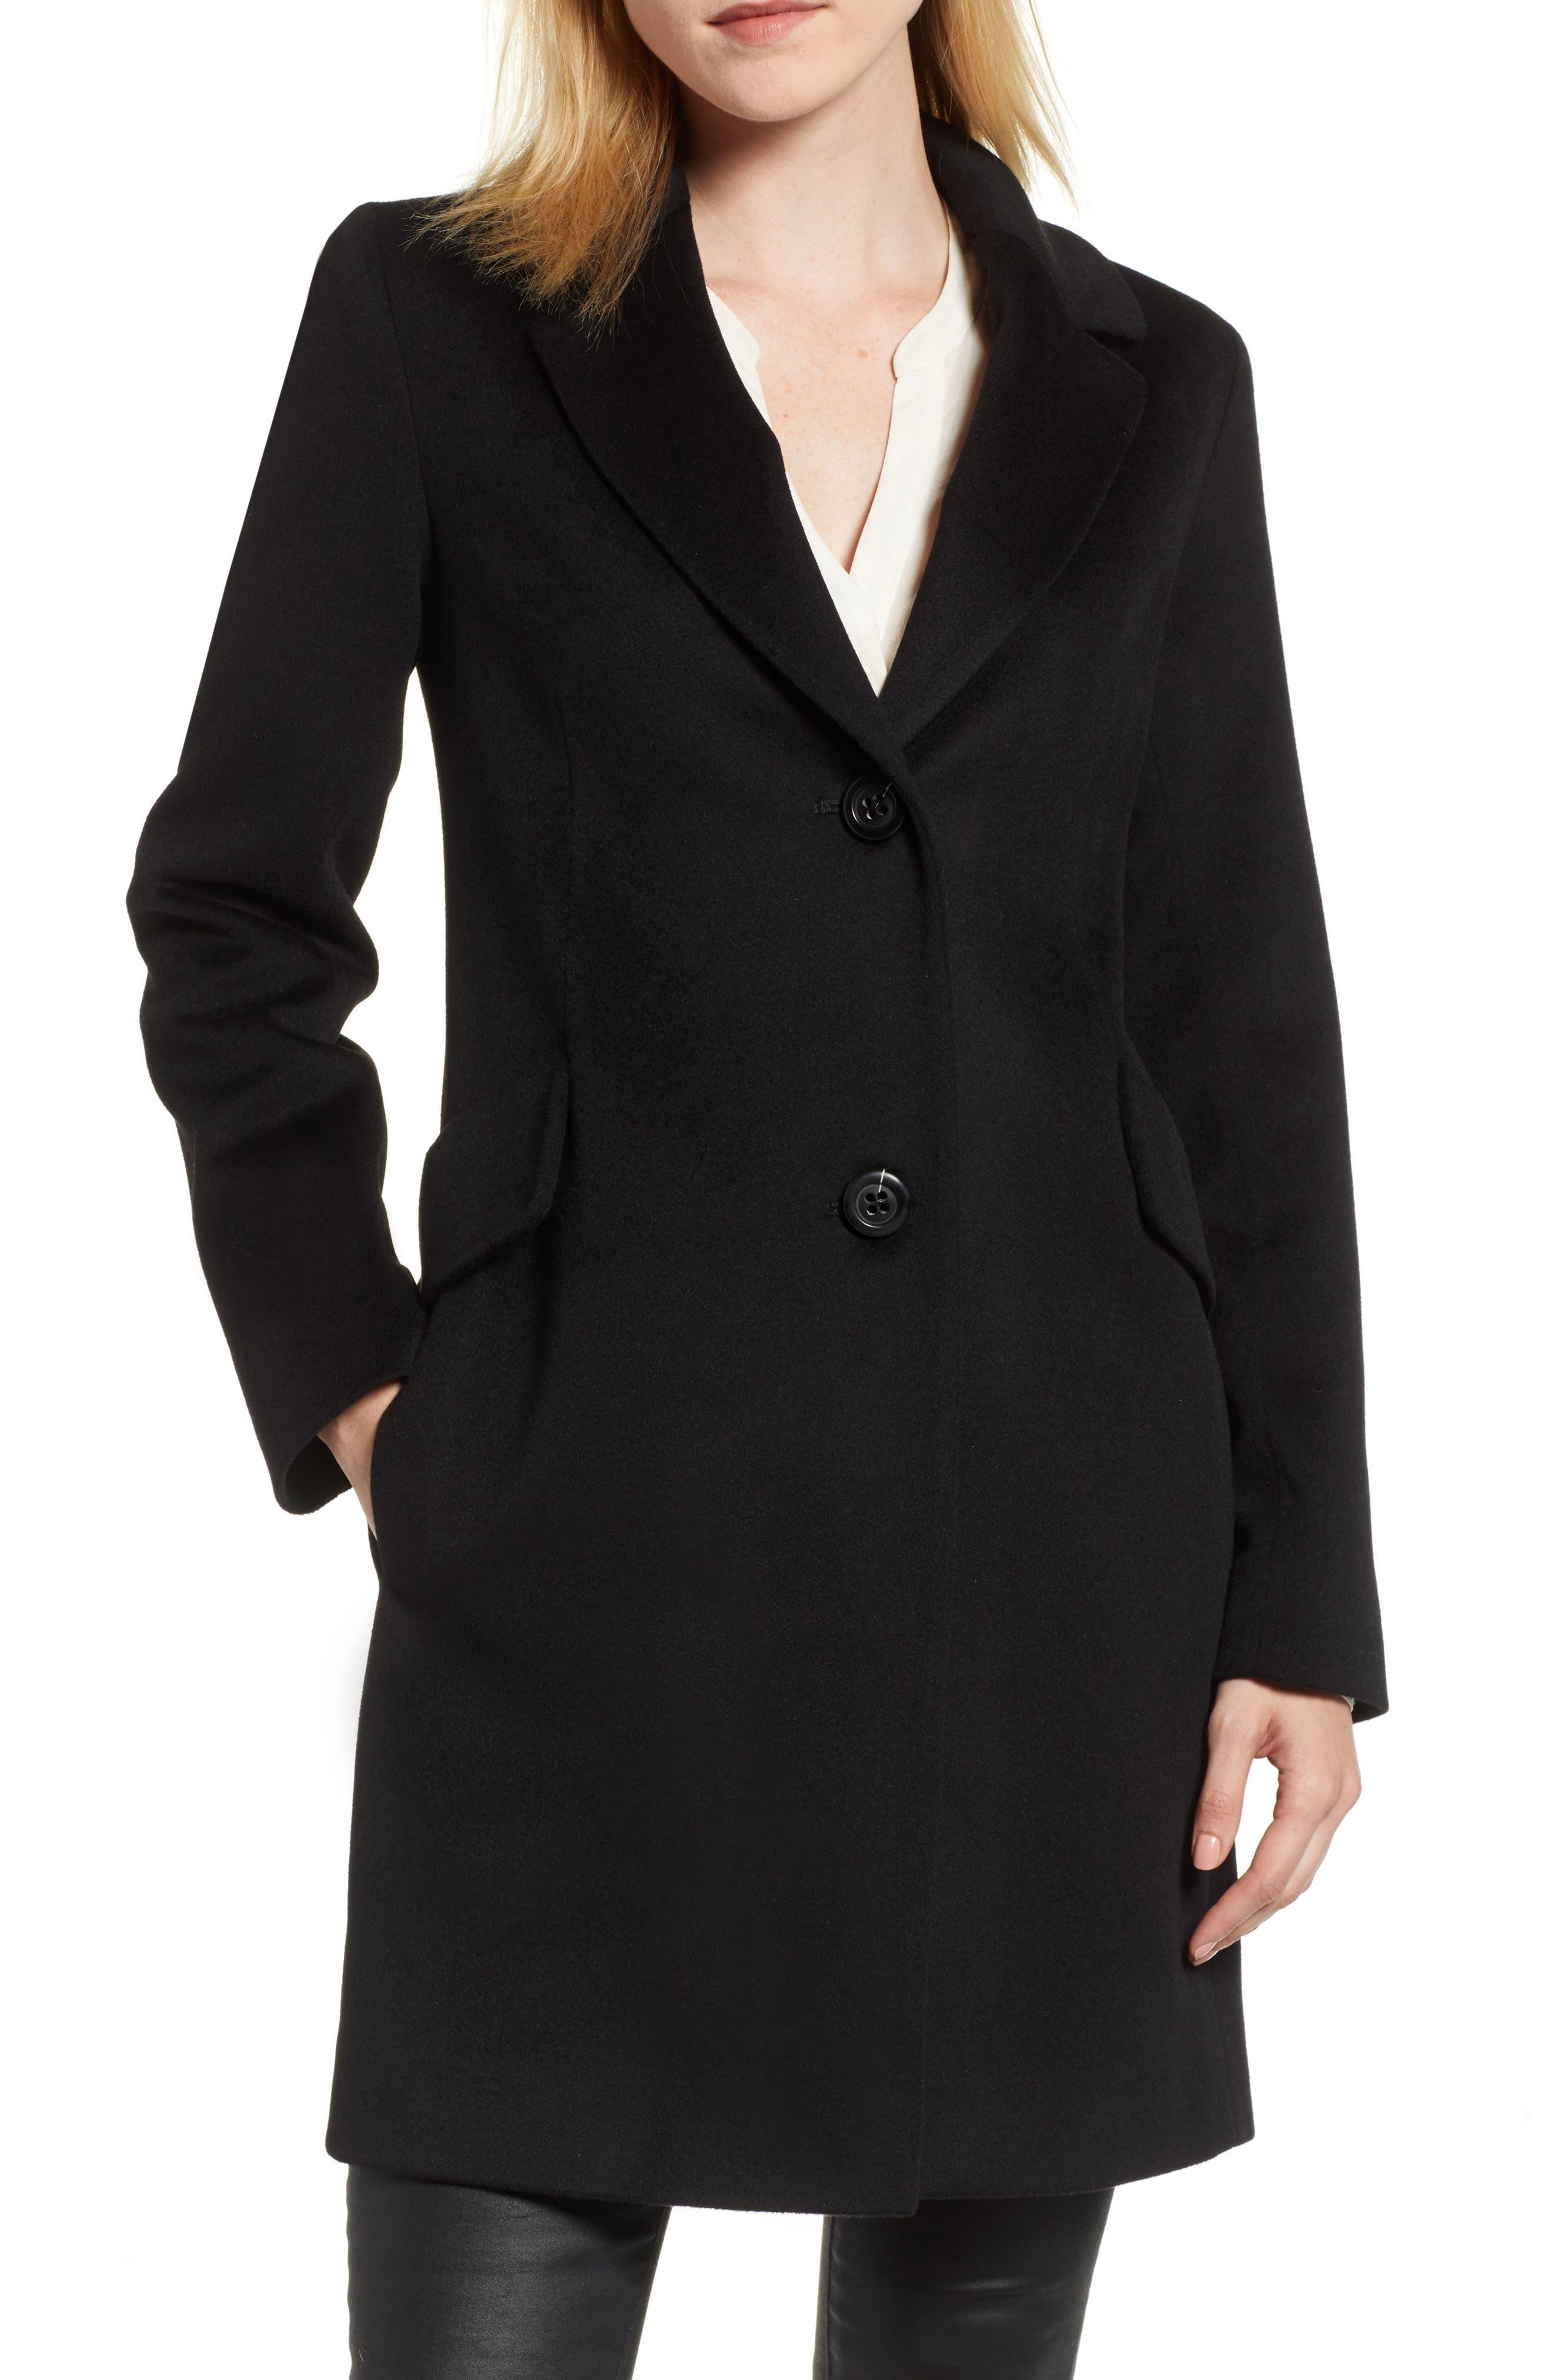 FLEURETTE,                             Notch Collar Wool Coat,                             Main thumbnail 1, color,                             BLACK